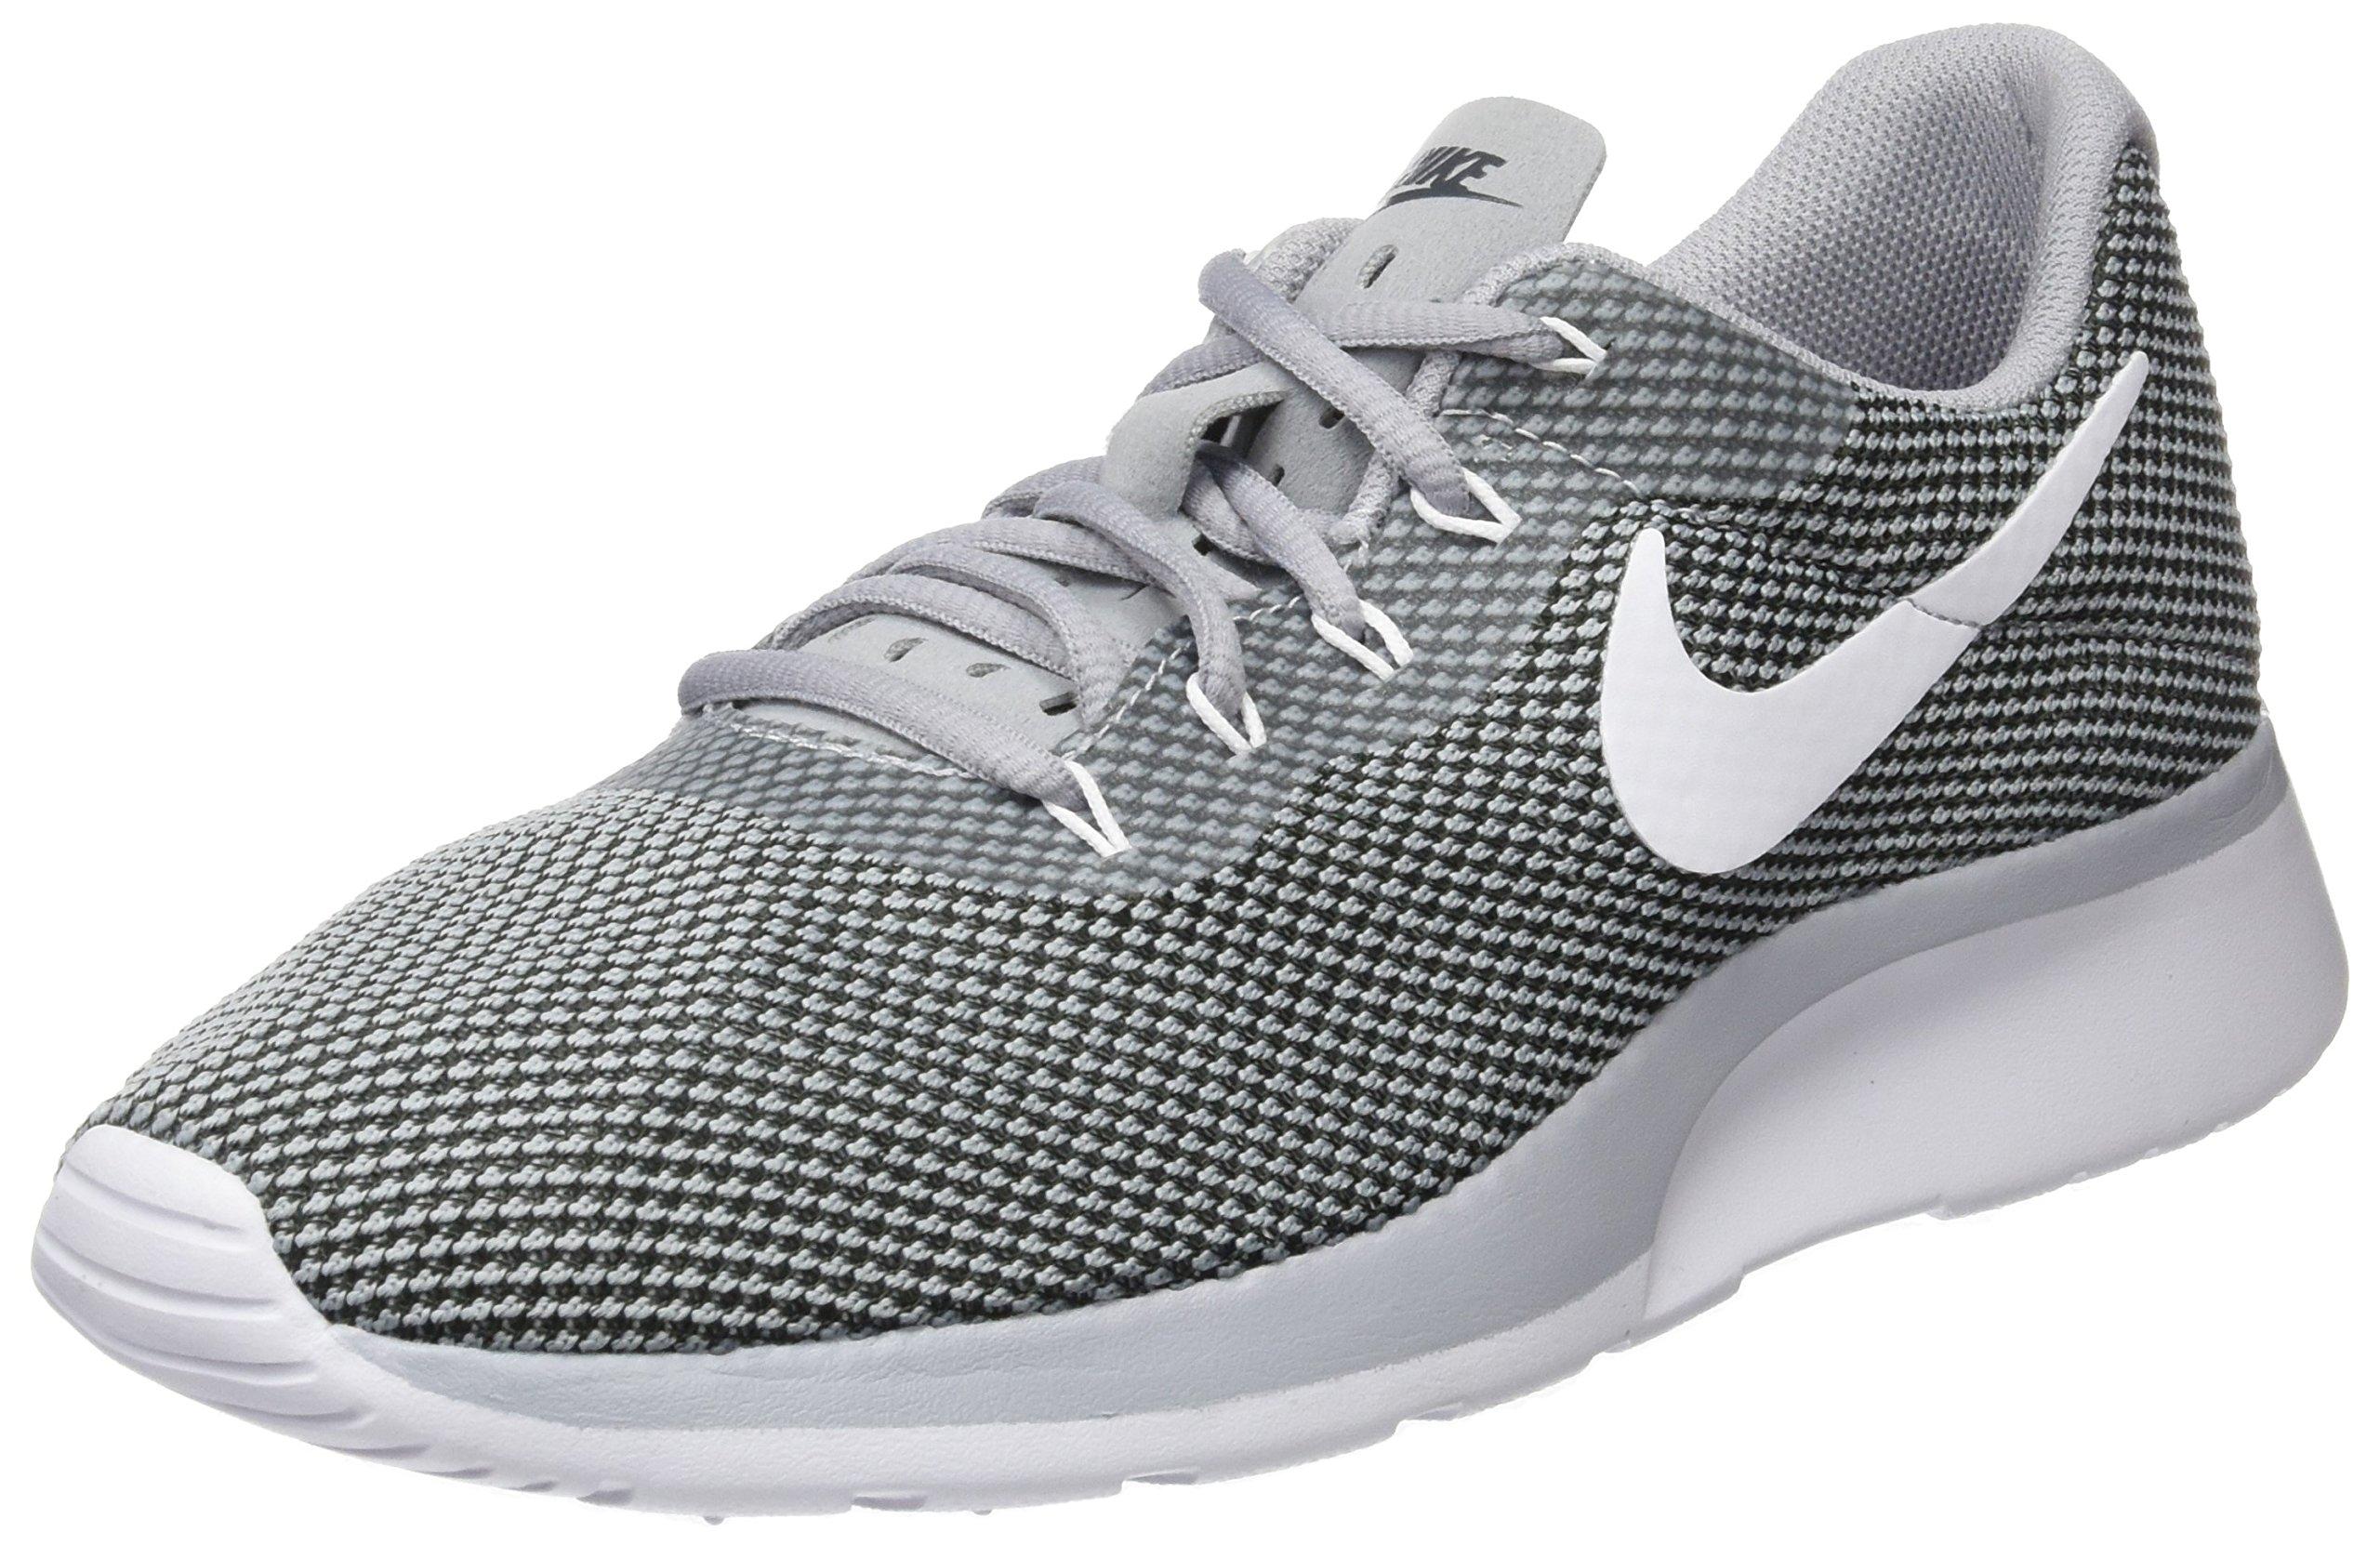 738c5ea1251ba9 Galleon - Nike Men s Tanjun Racer Low-Top Sneakers